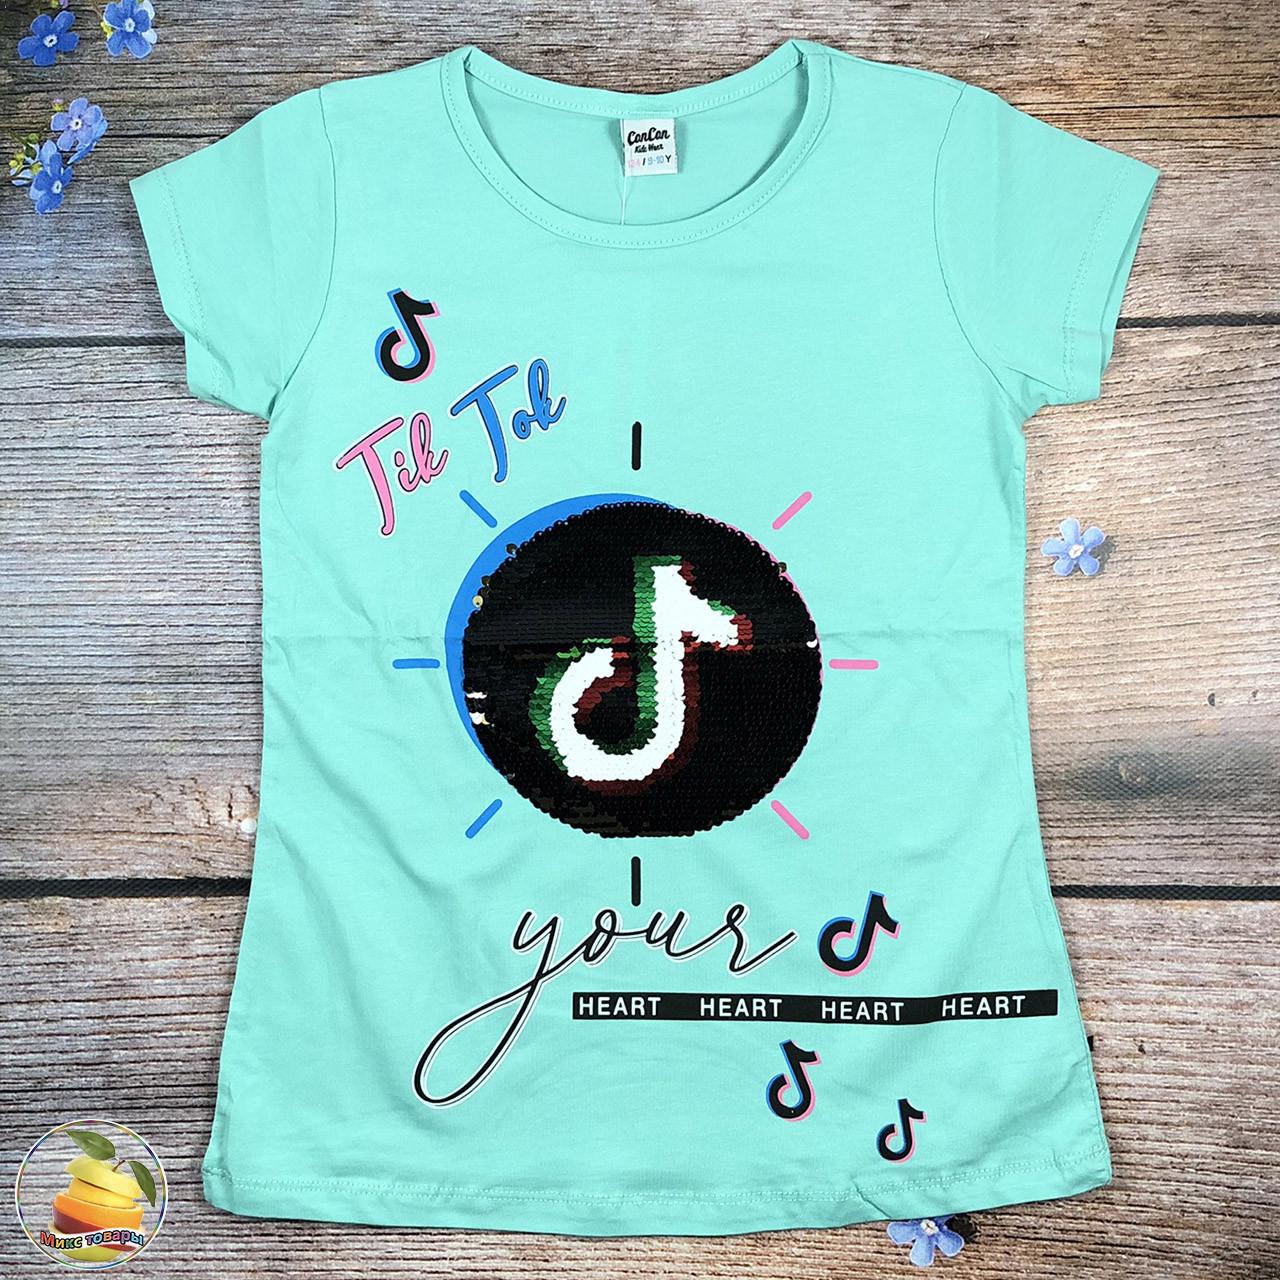 Подростковая футболка длядевочки Размеры: 134,140,146,152 см (20243-1)